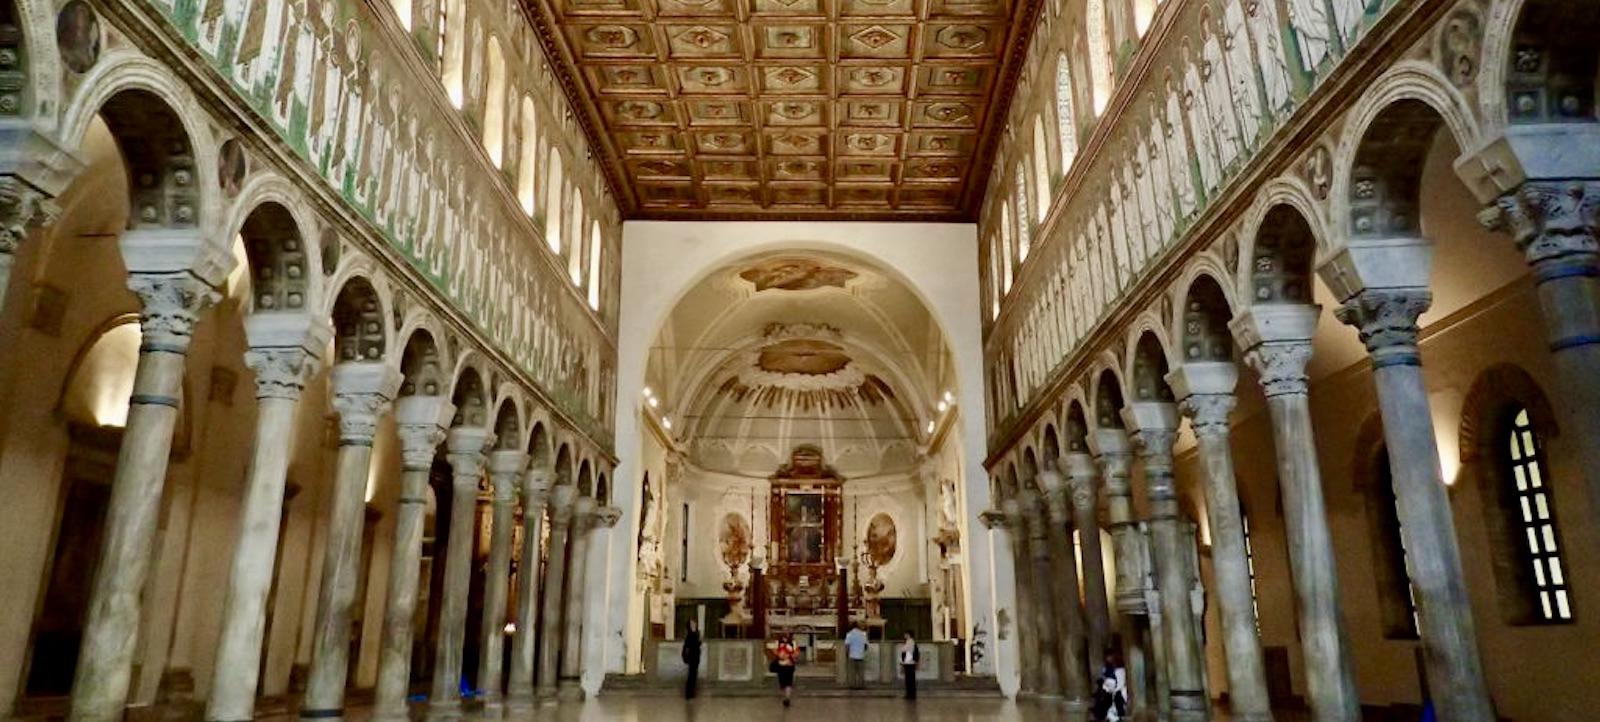 interno chiesa sant'Apollinare in classe ravenna